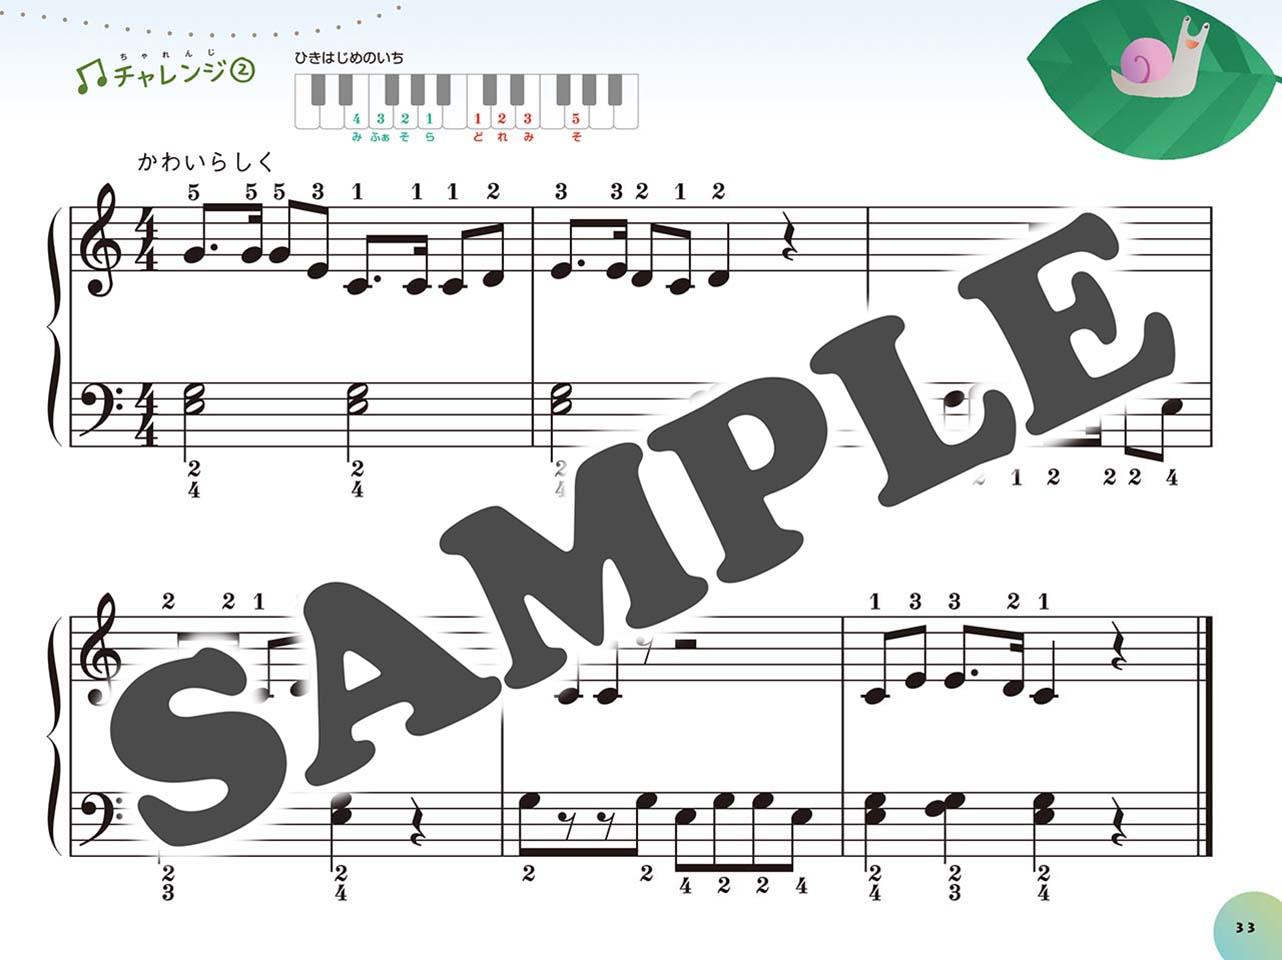 【ヤマハ】ひとりでひけたよ! だいすきなピアノ2 , 楽譜 ピアノ